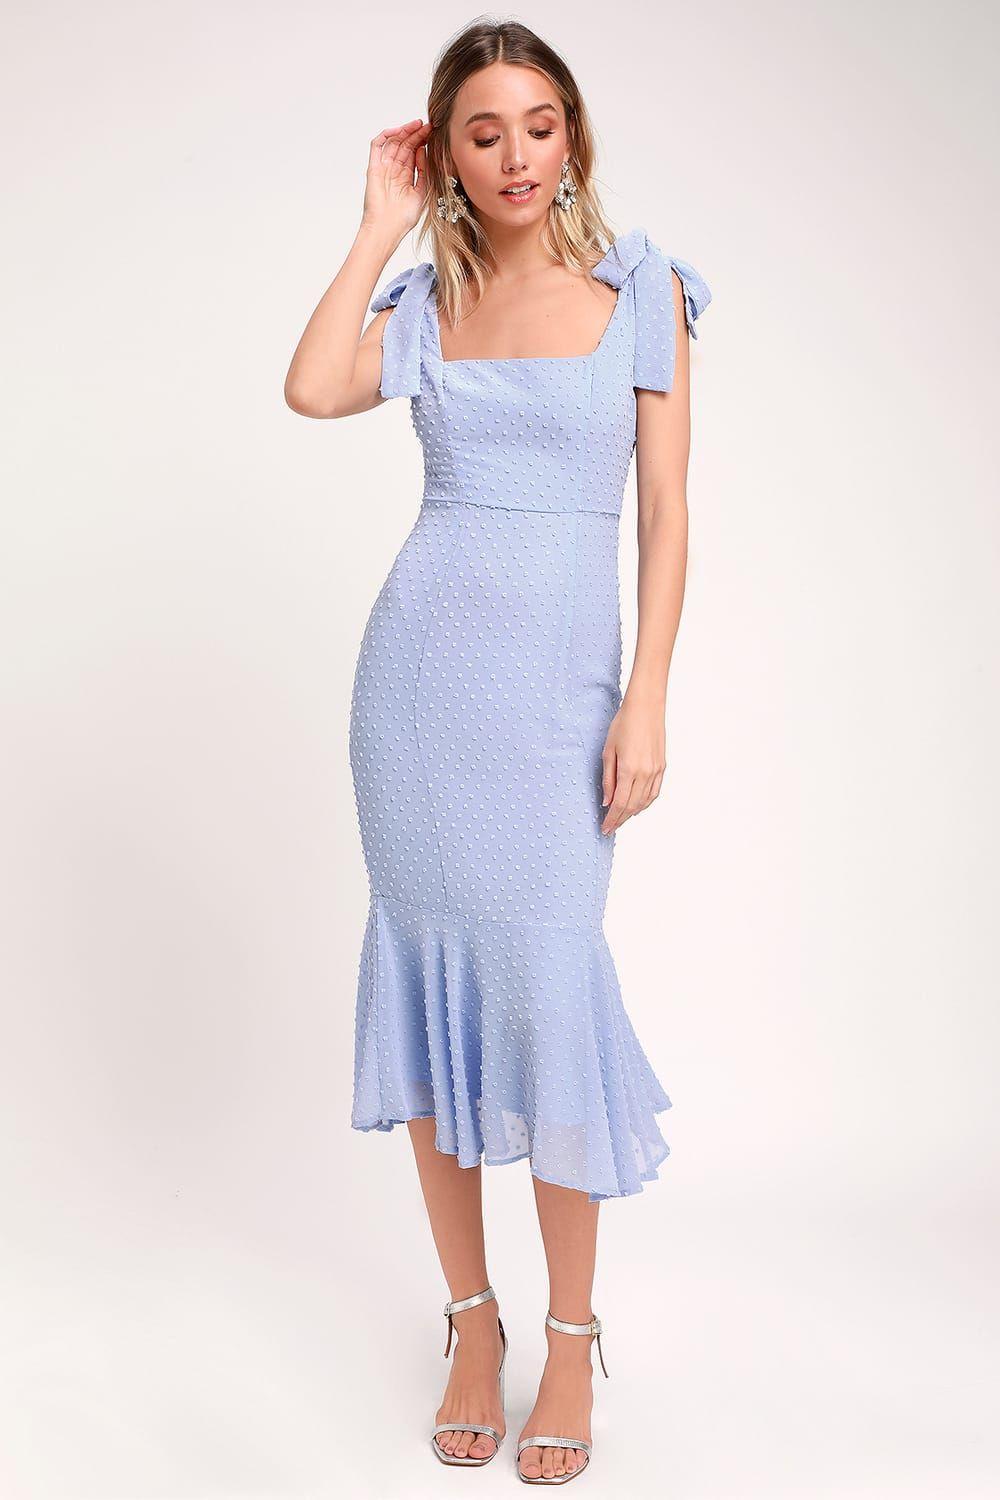 Bimini Periwinkle Blue Swiss Dot Tie Strap Midi Dress Vintage Style Dresses Fashion Dresses Vintage Midi Dresses [ 1500 x 1000 Pixel ]